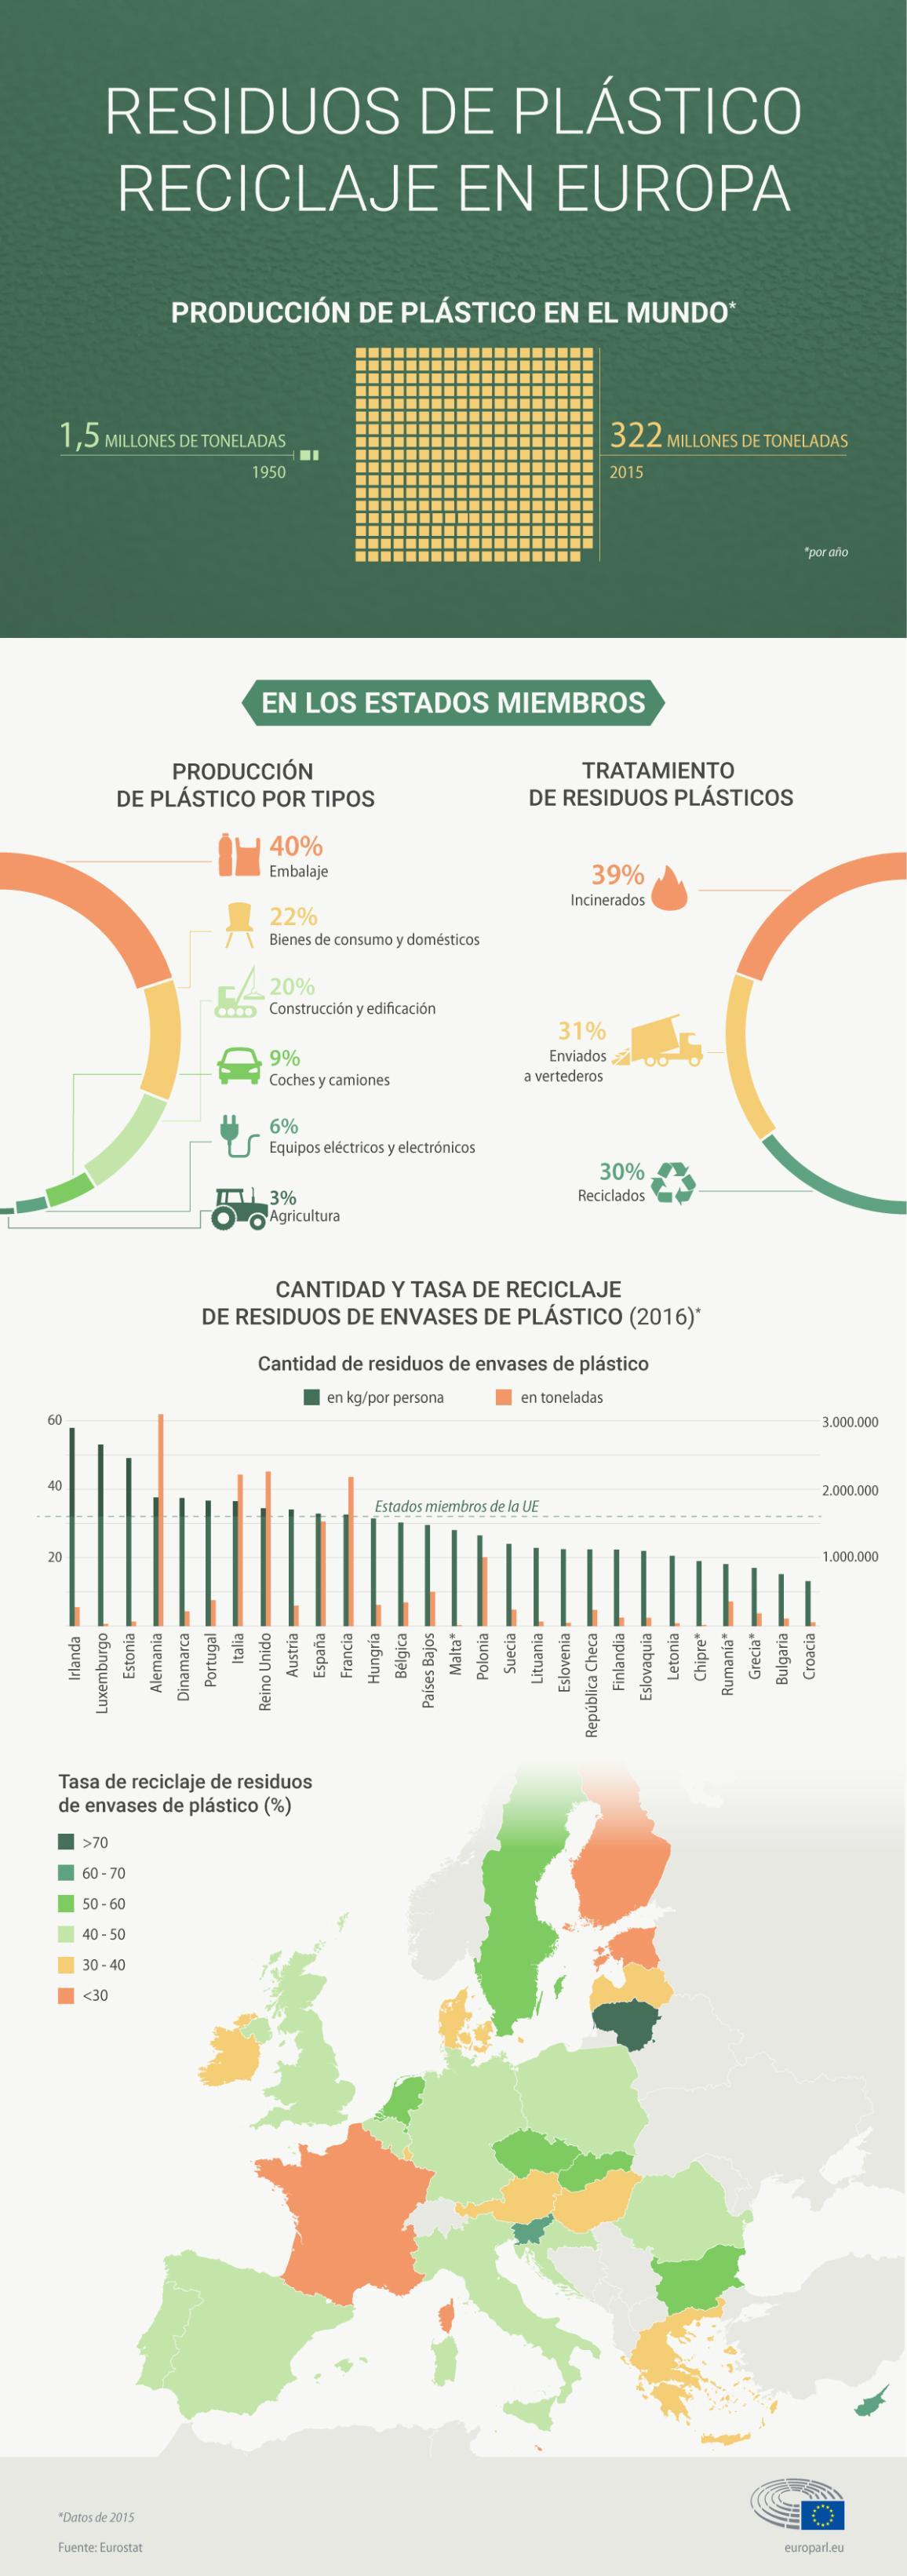 Infografía sobre los residuos de plásticos y el reciclaje en Europa